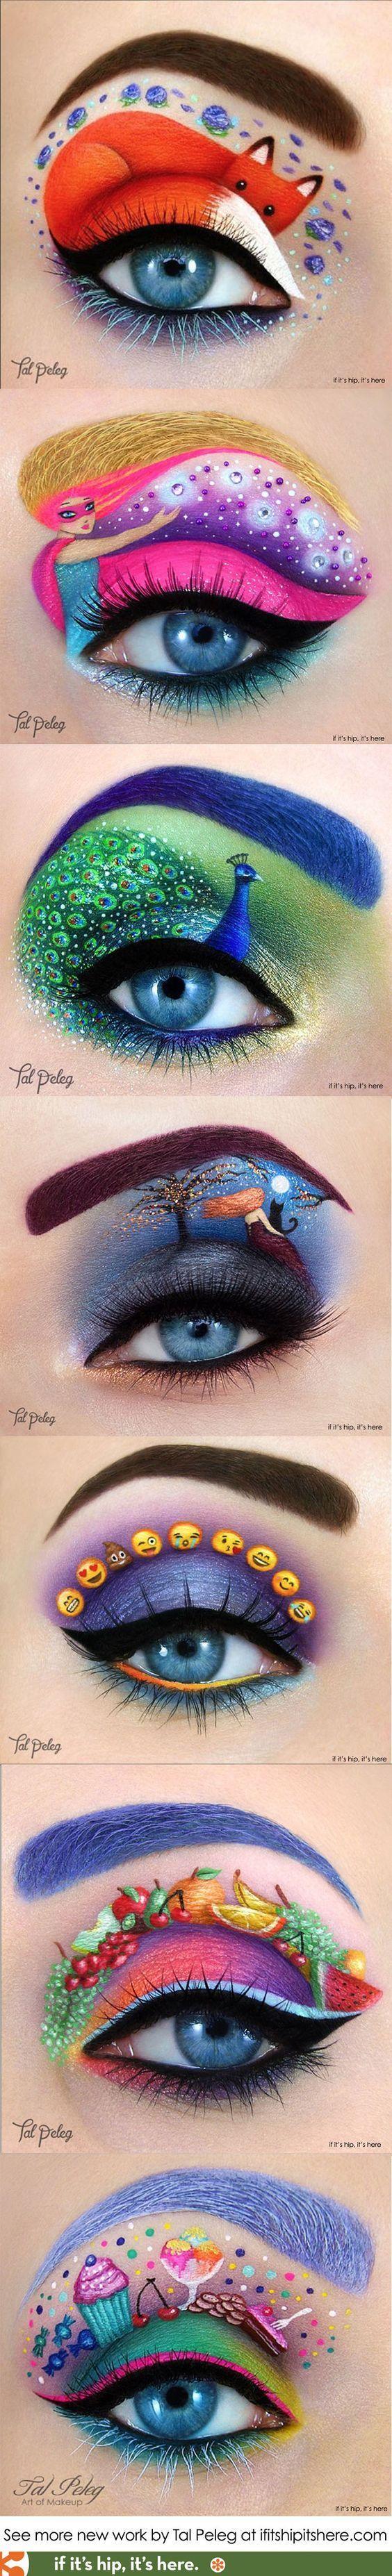 best 25 makeup artists ideas on pinterest